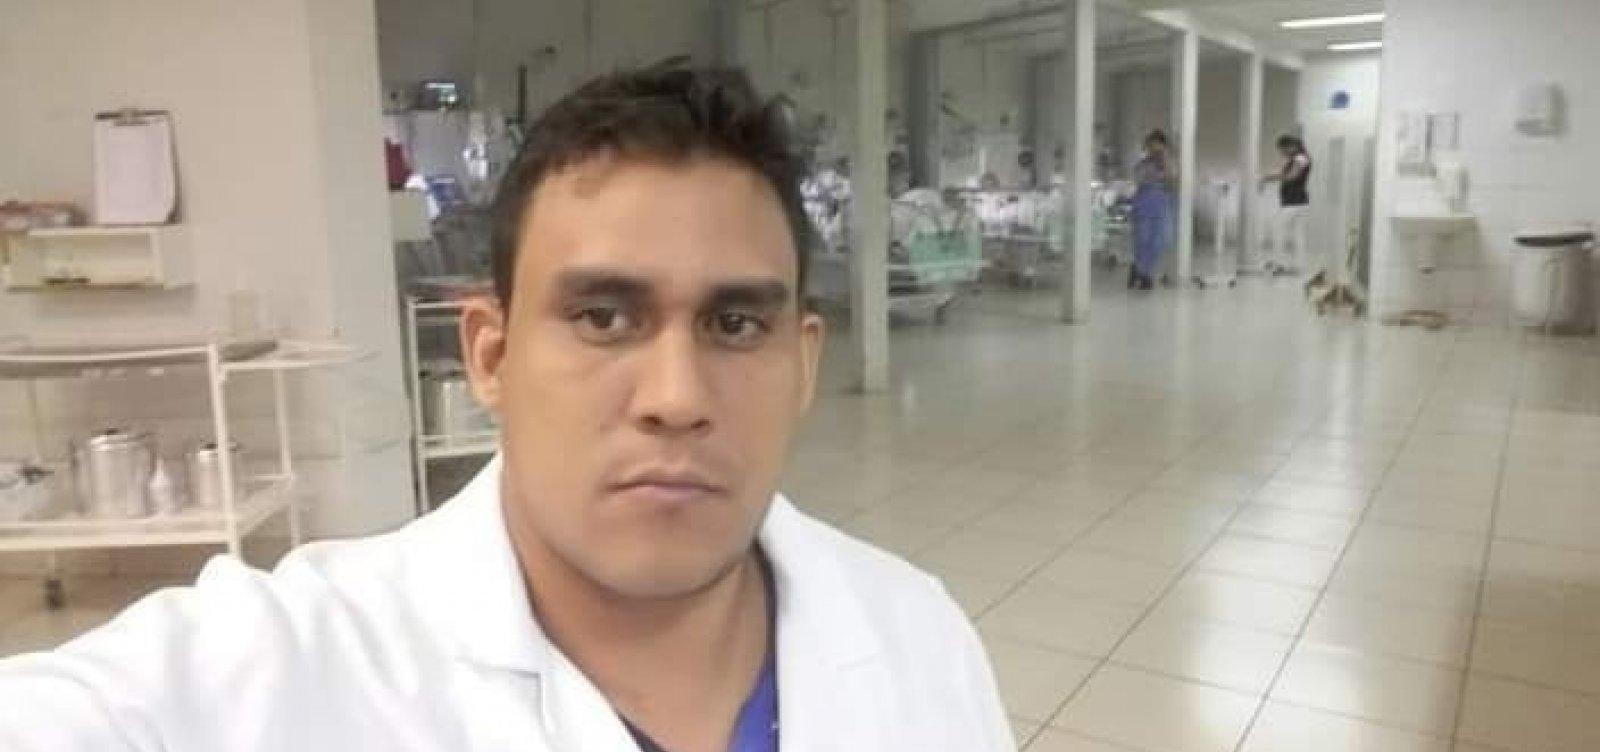 Justiça decreta a prisão do médico suspeito de matar a ex-namorada, em Feira de Santana